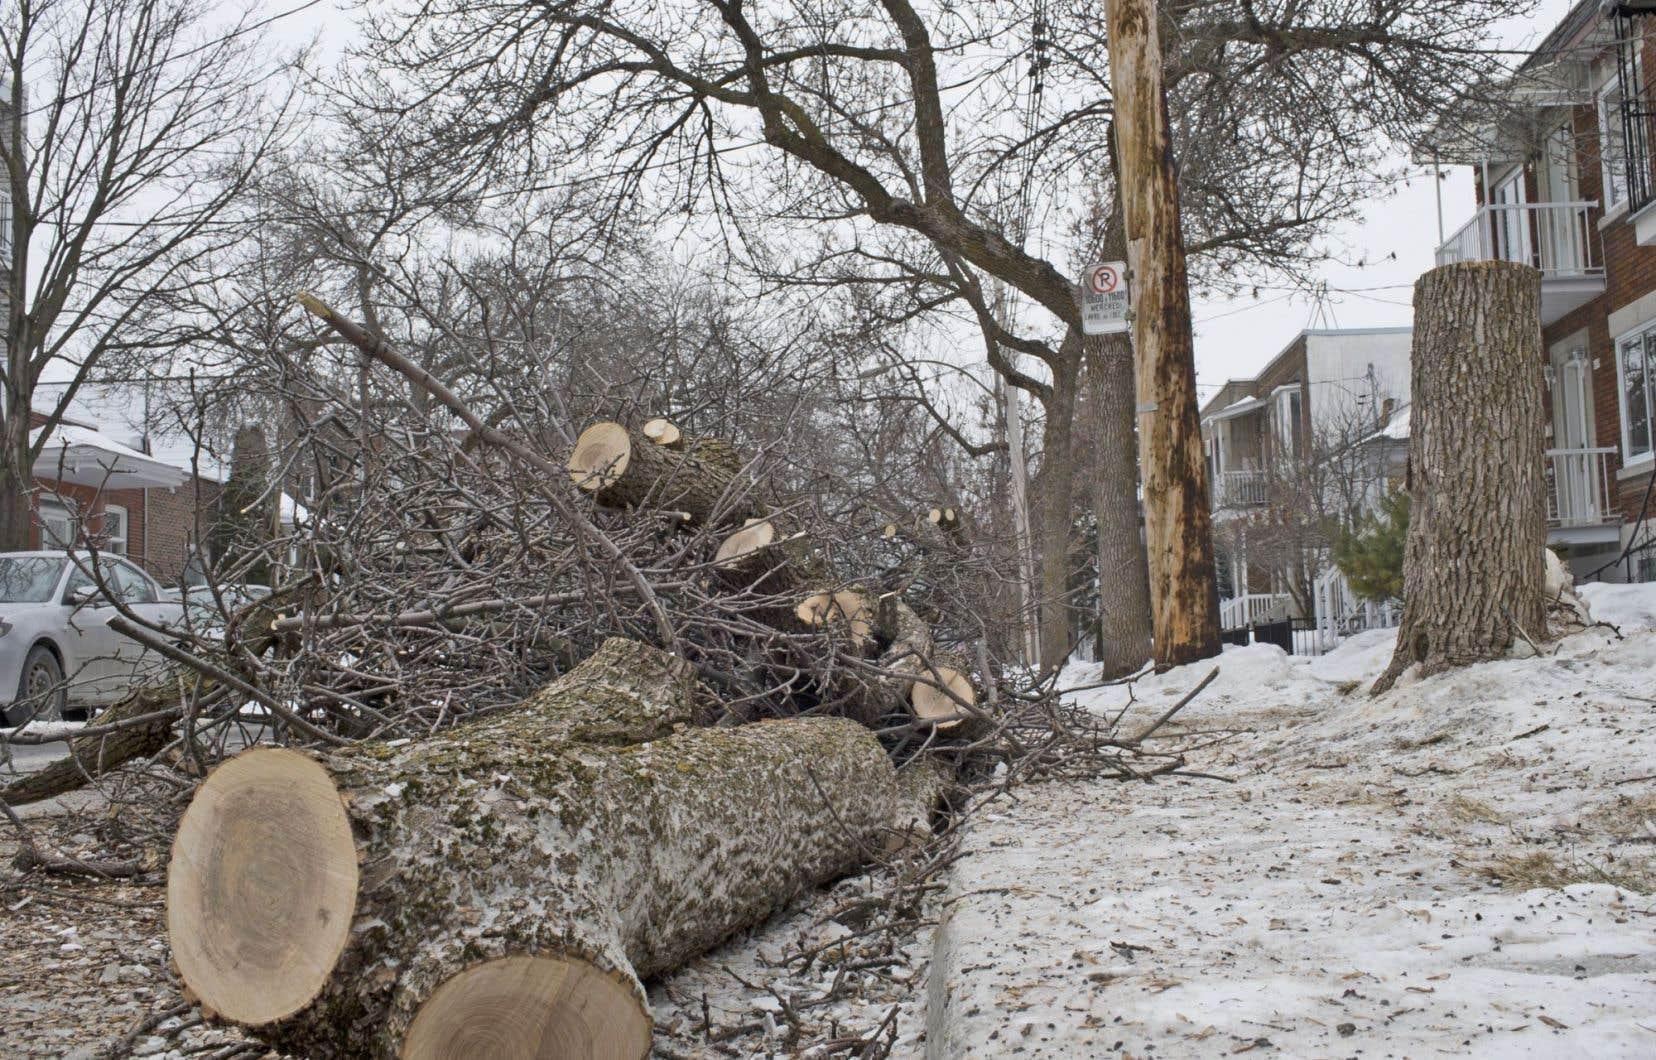 En 2014,572 arbres ont dû être coupés et détruits en raison de l'insecte ravageur, uniquement sur les terrains publics. L'année 2015, elle, s'annonce encore pire.